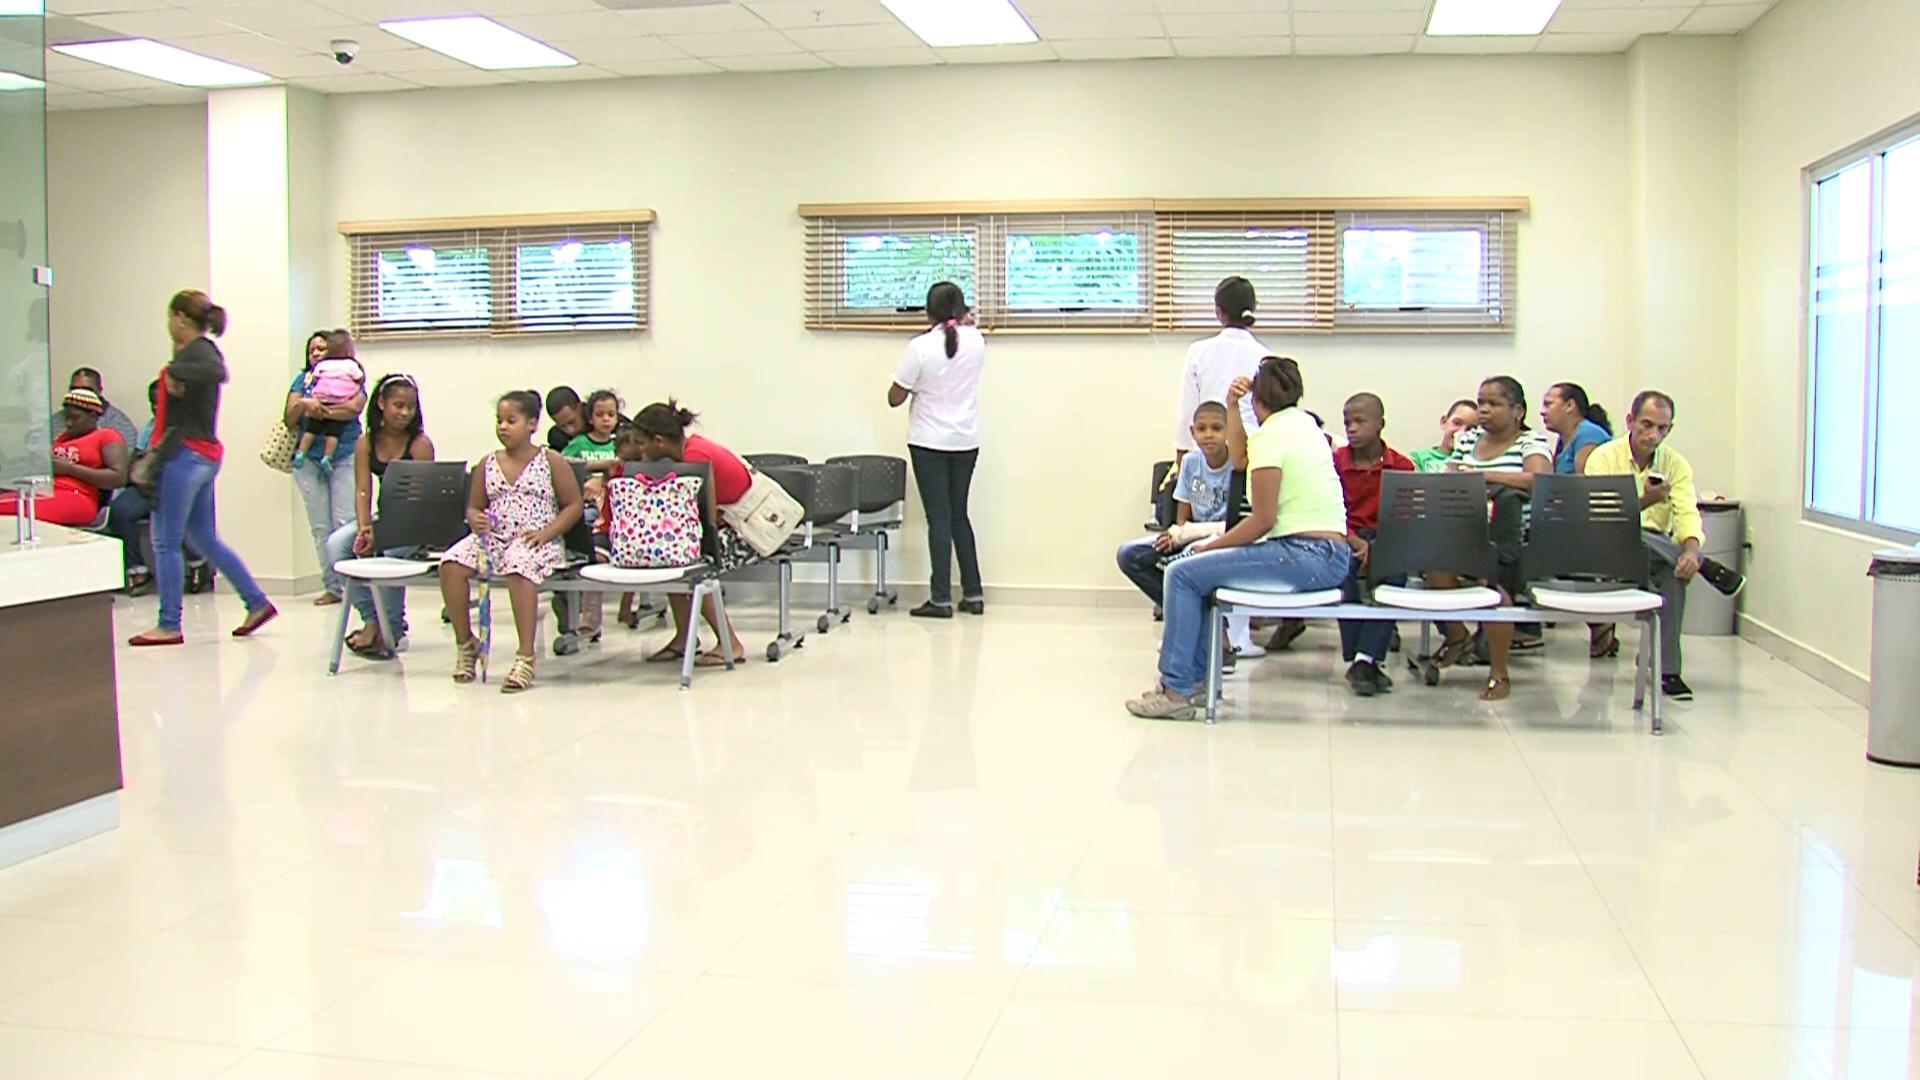 Catorce niños ingresados con dengue, médicos alertan de un posible brote